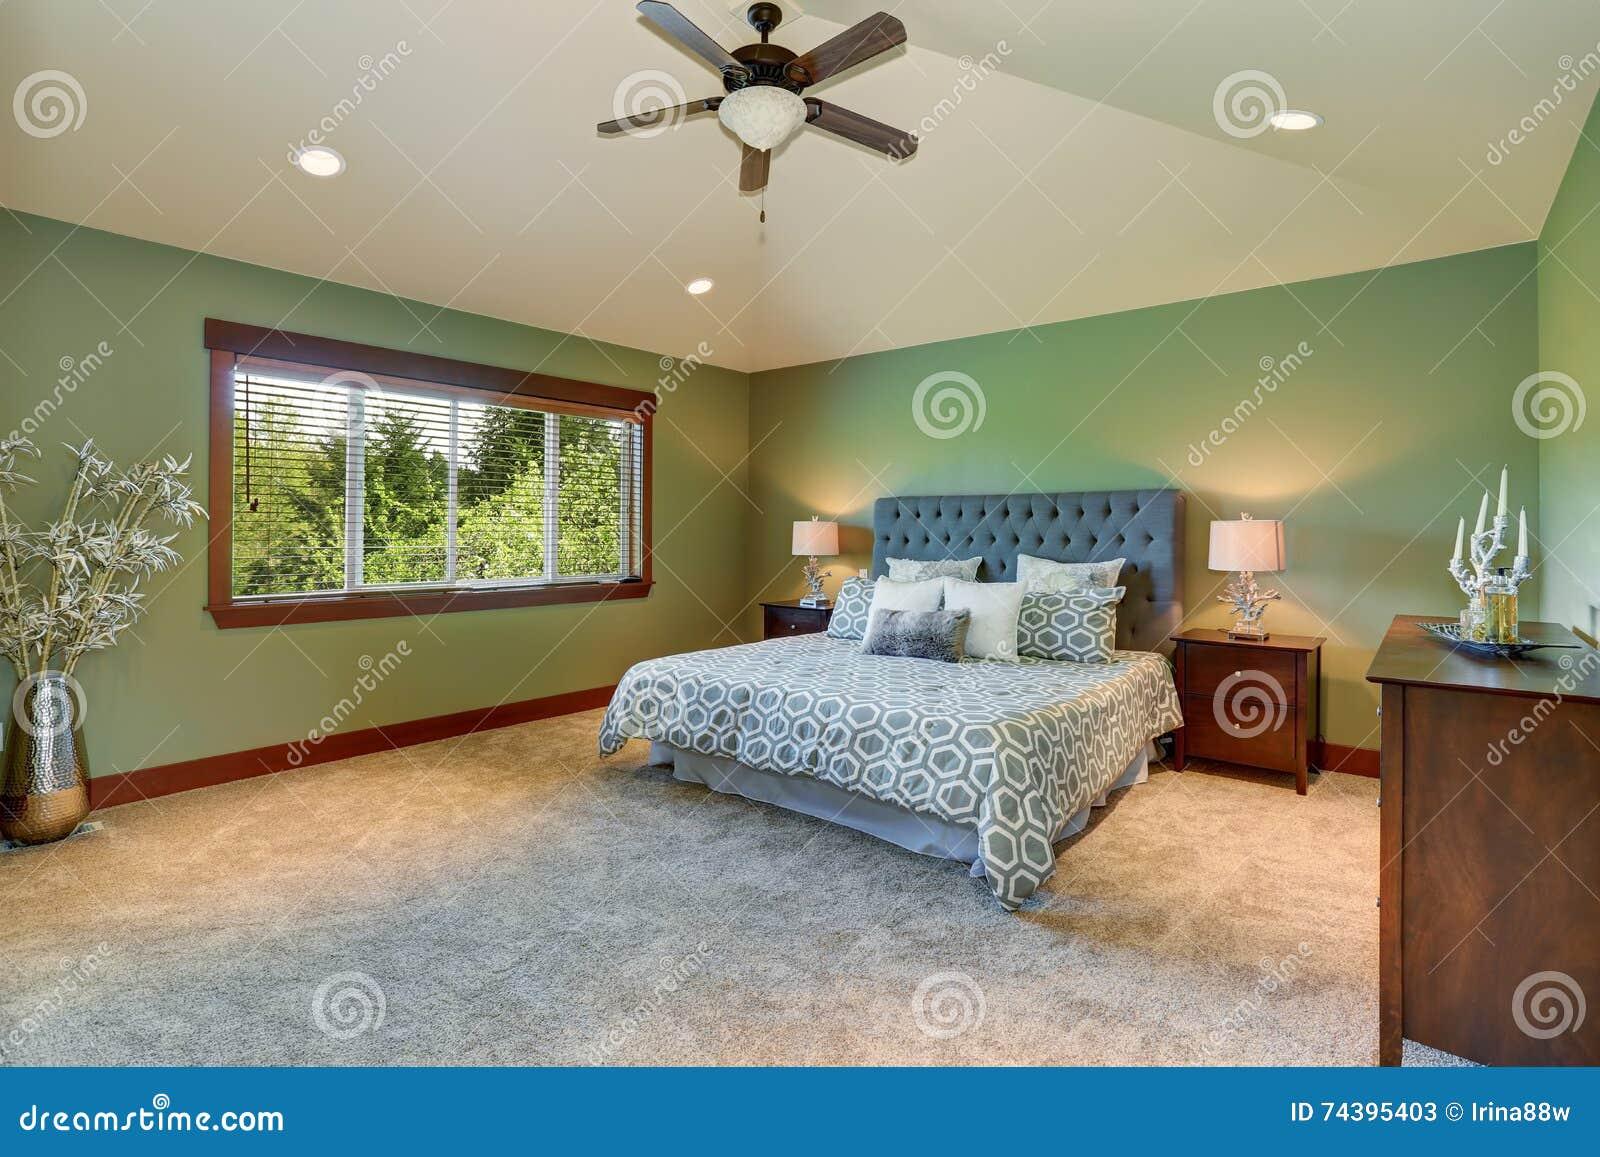 https://thumbs.dreamstime.com/z/comfortabele-slaapkamer-met-blauw-bed-knopenhoofdeinde-en-groene-muren-74395403.jpg